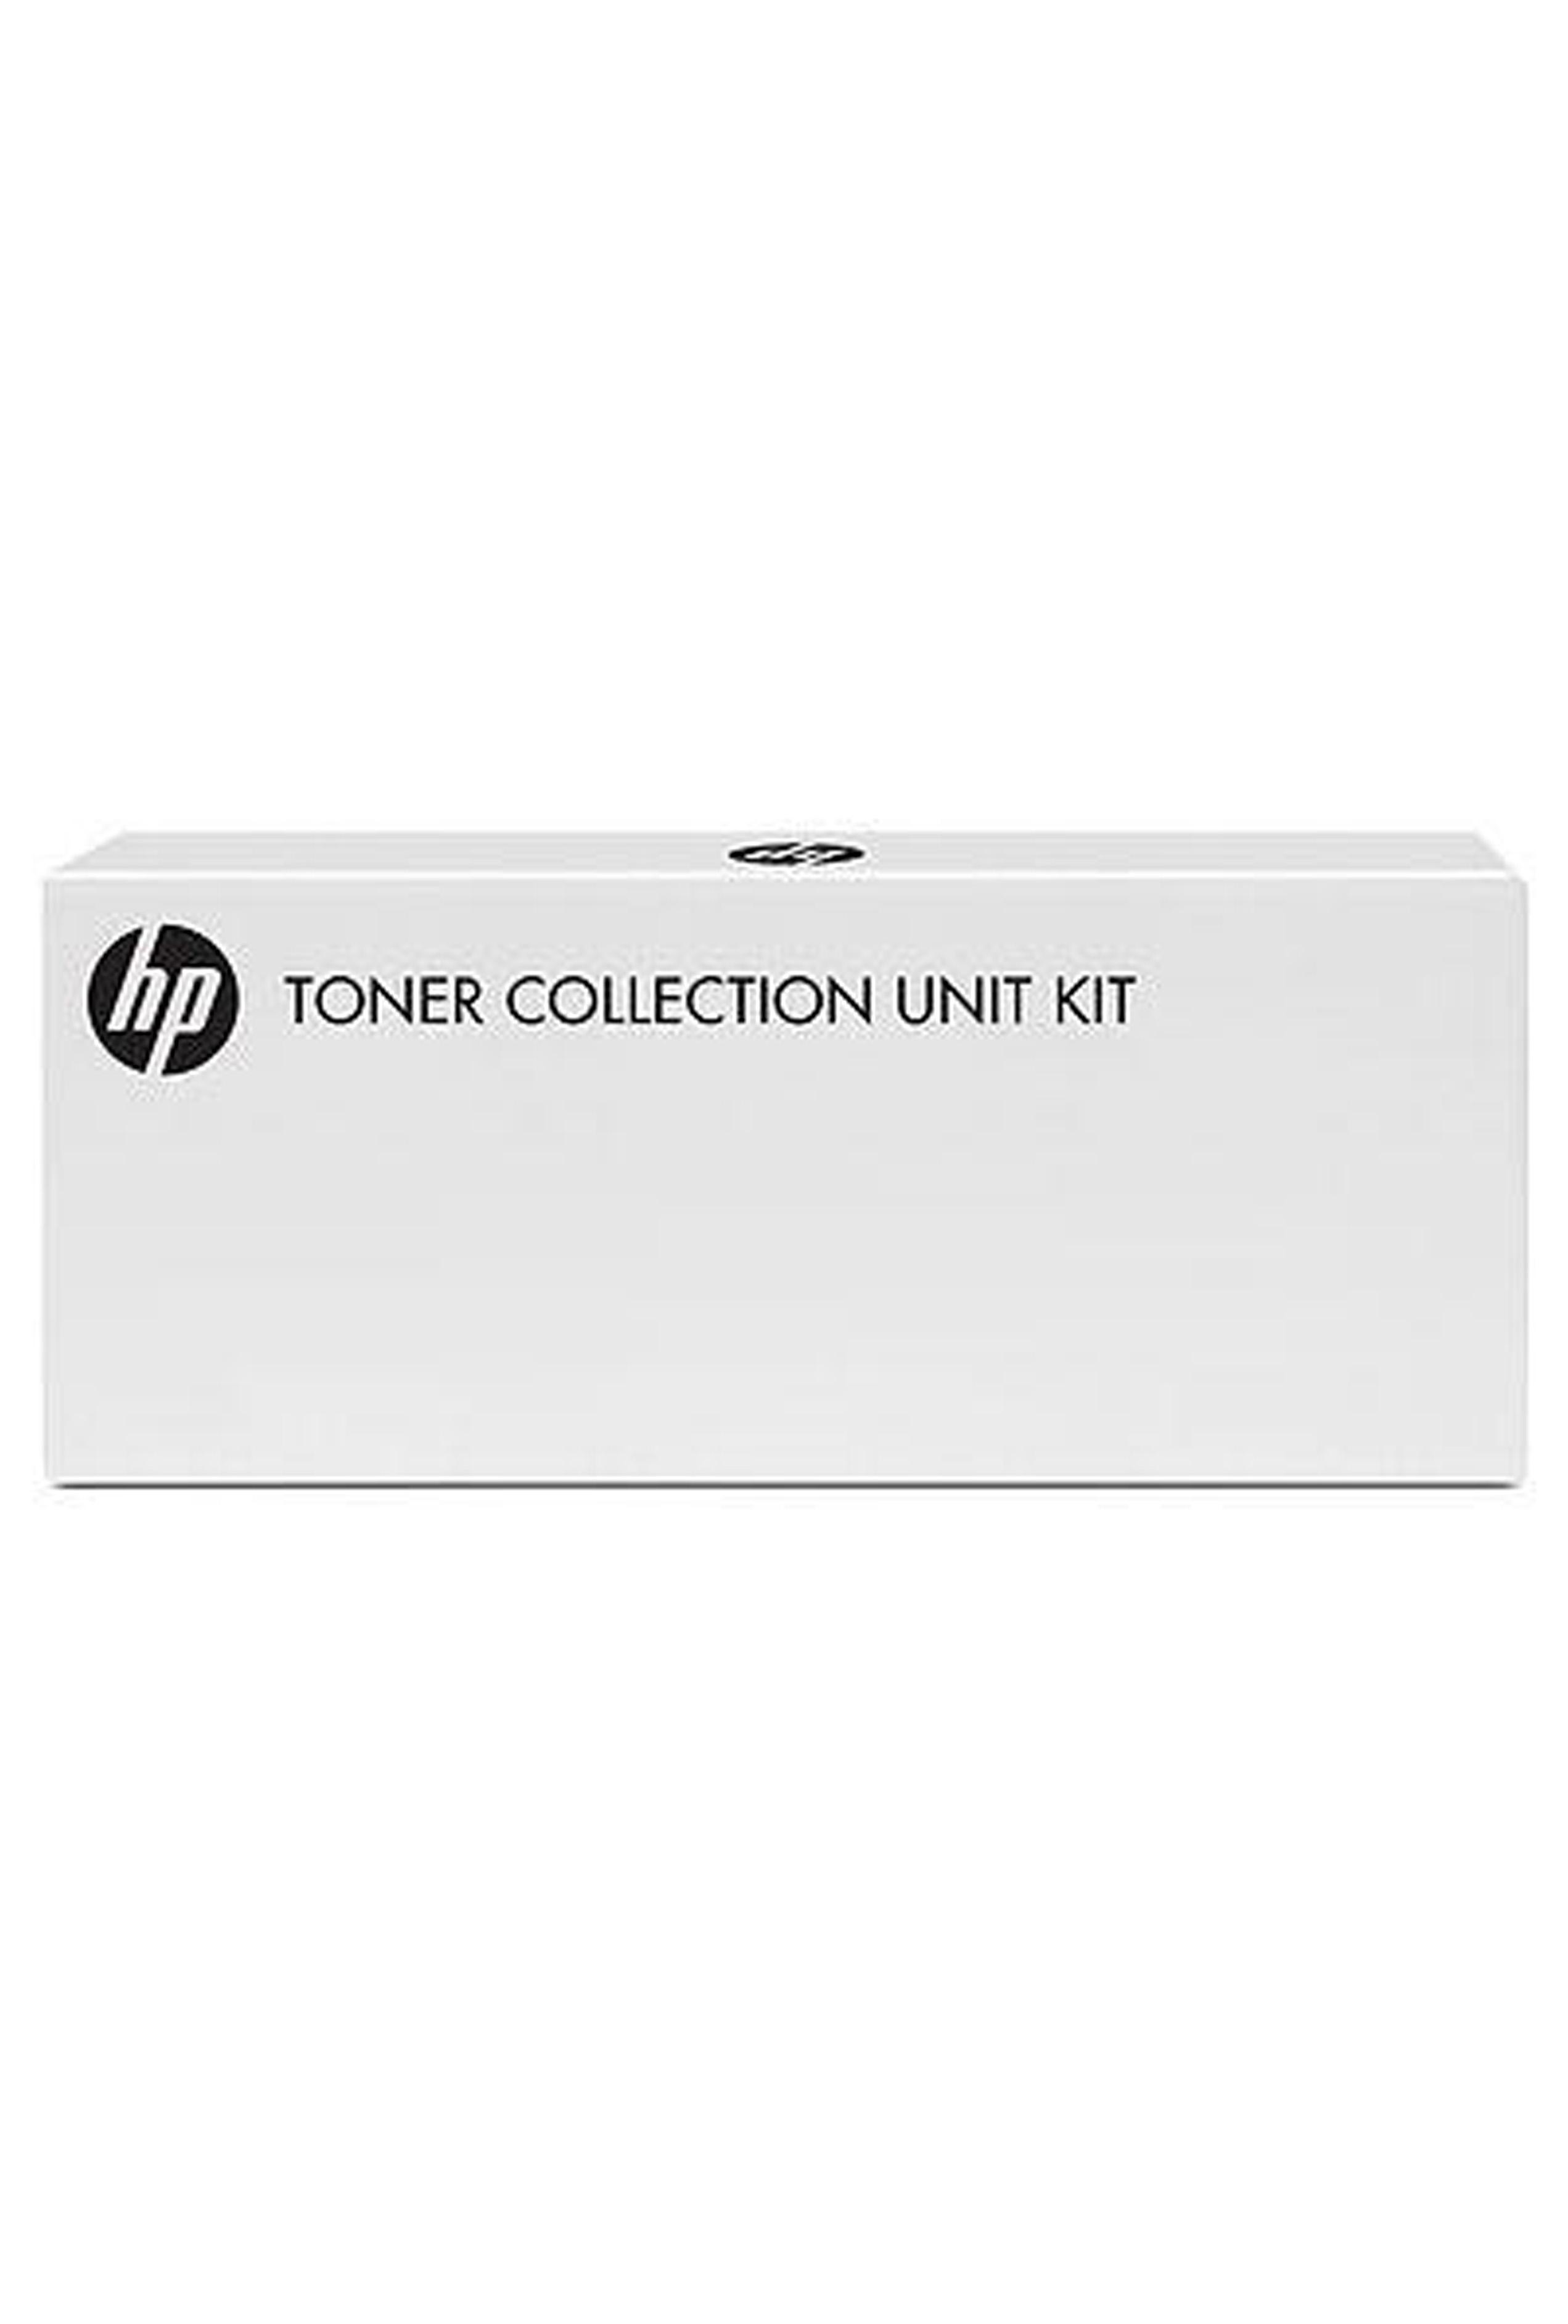 HP Color LaserJet Enterprise M553 M577 Toner Collection Unit (54000 Yield)  (B5L37A)